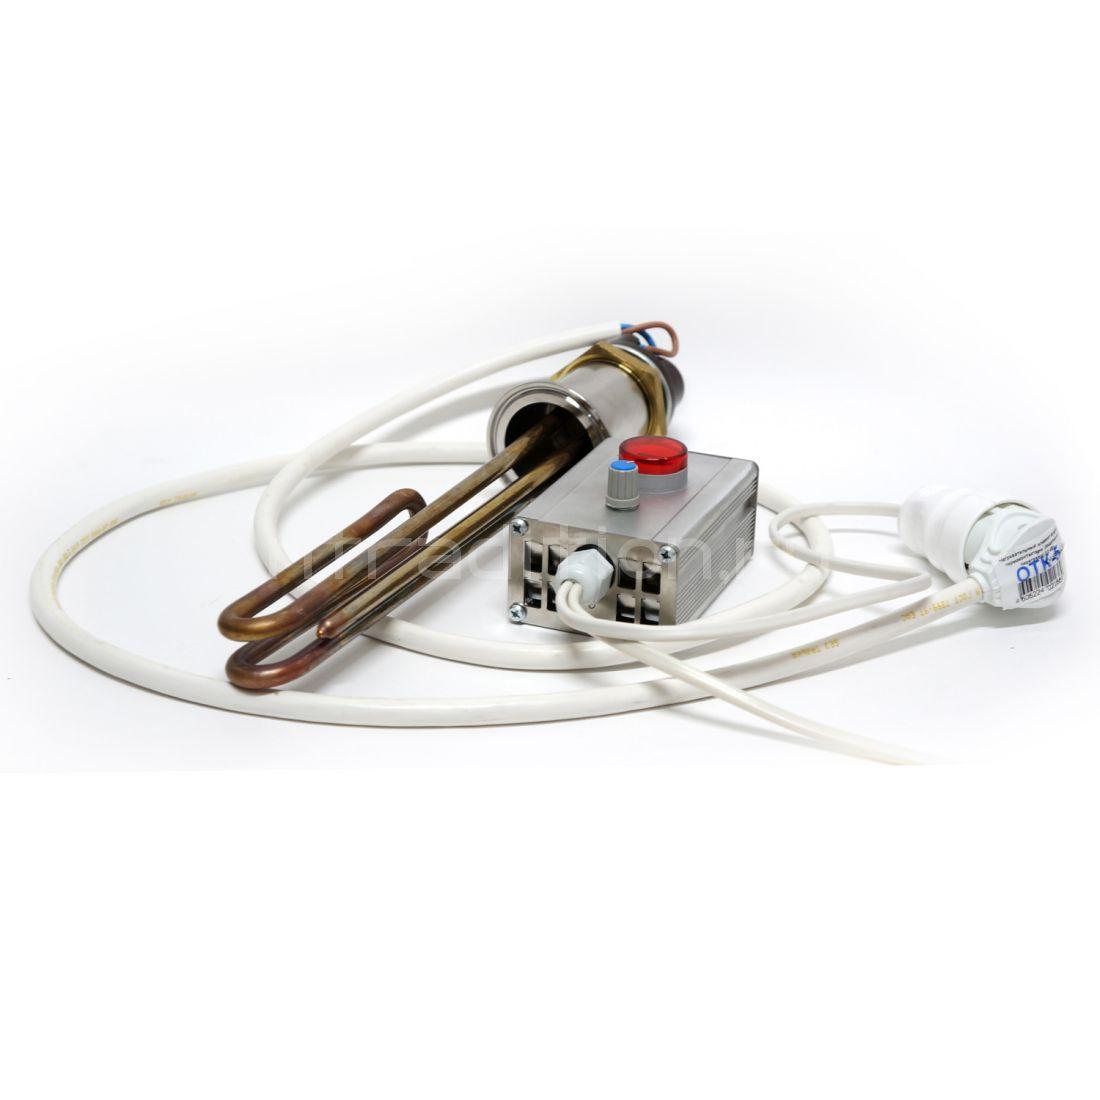 Система нагрева куба ТЭН с аналоговым регулятором мощности